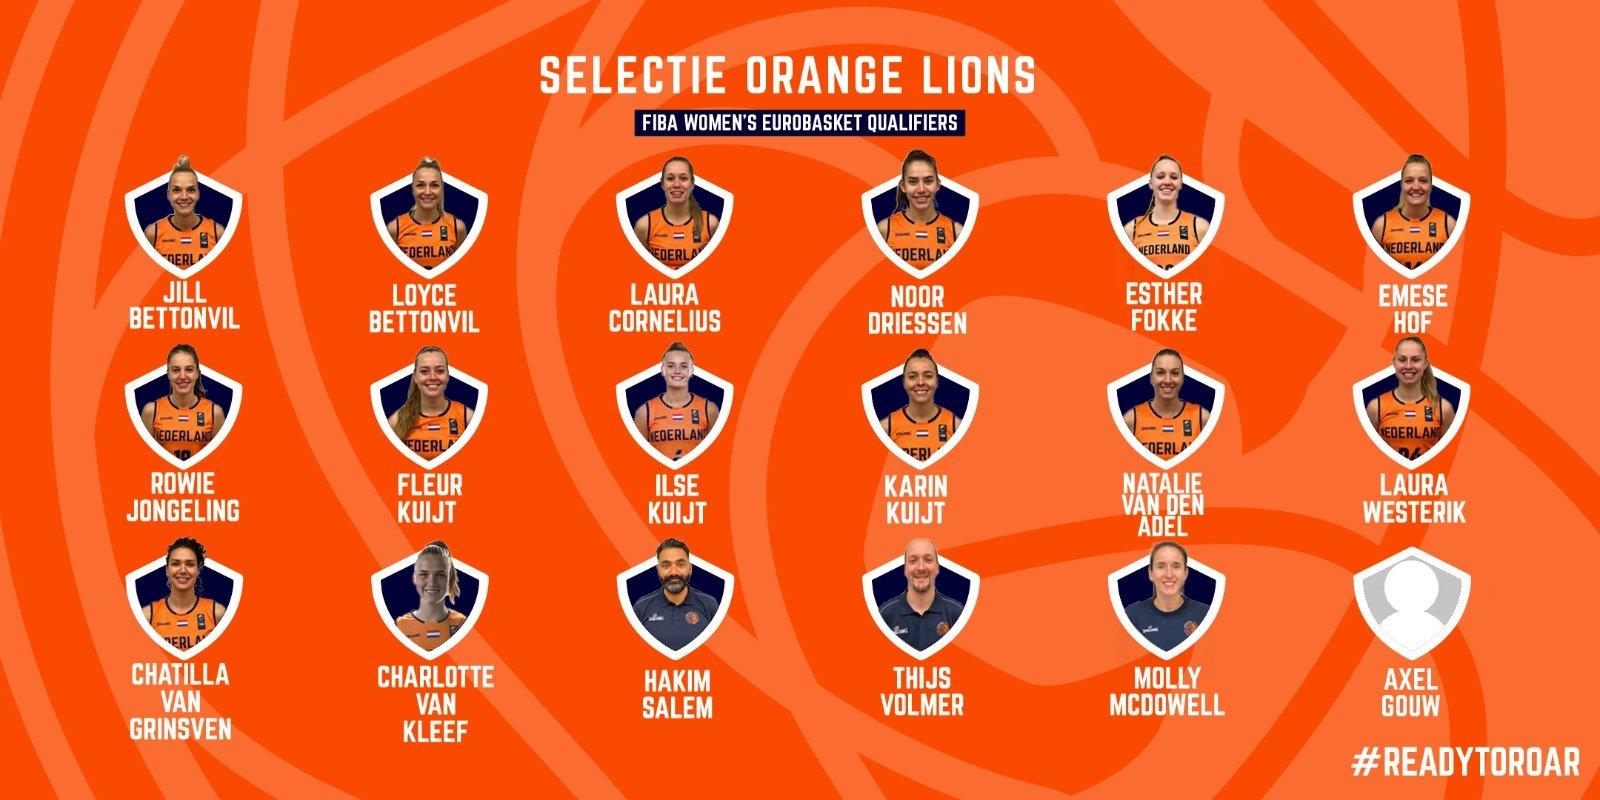 2020_Selectie_Orange Lions W_